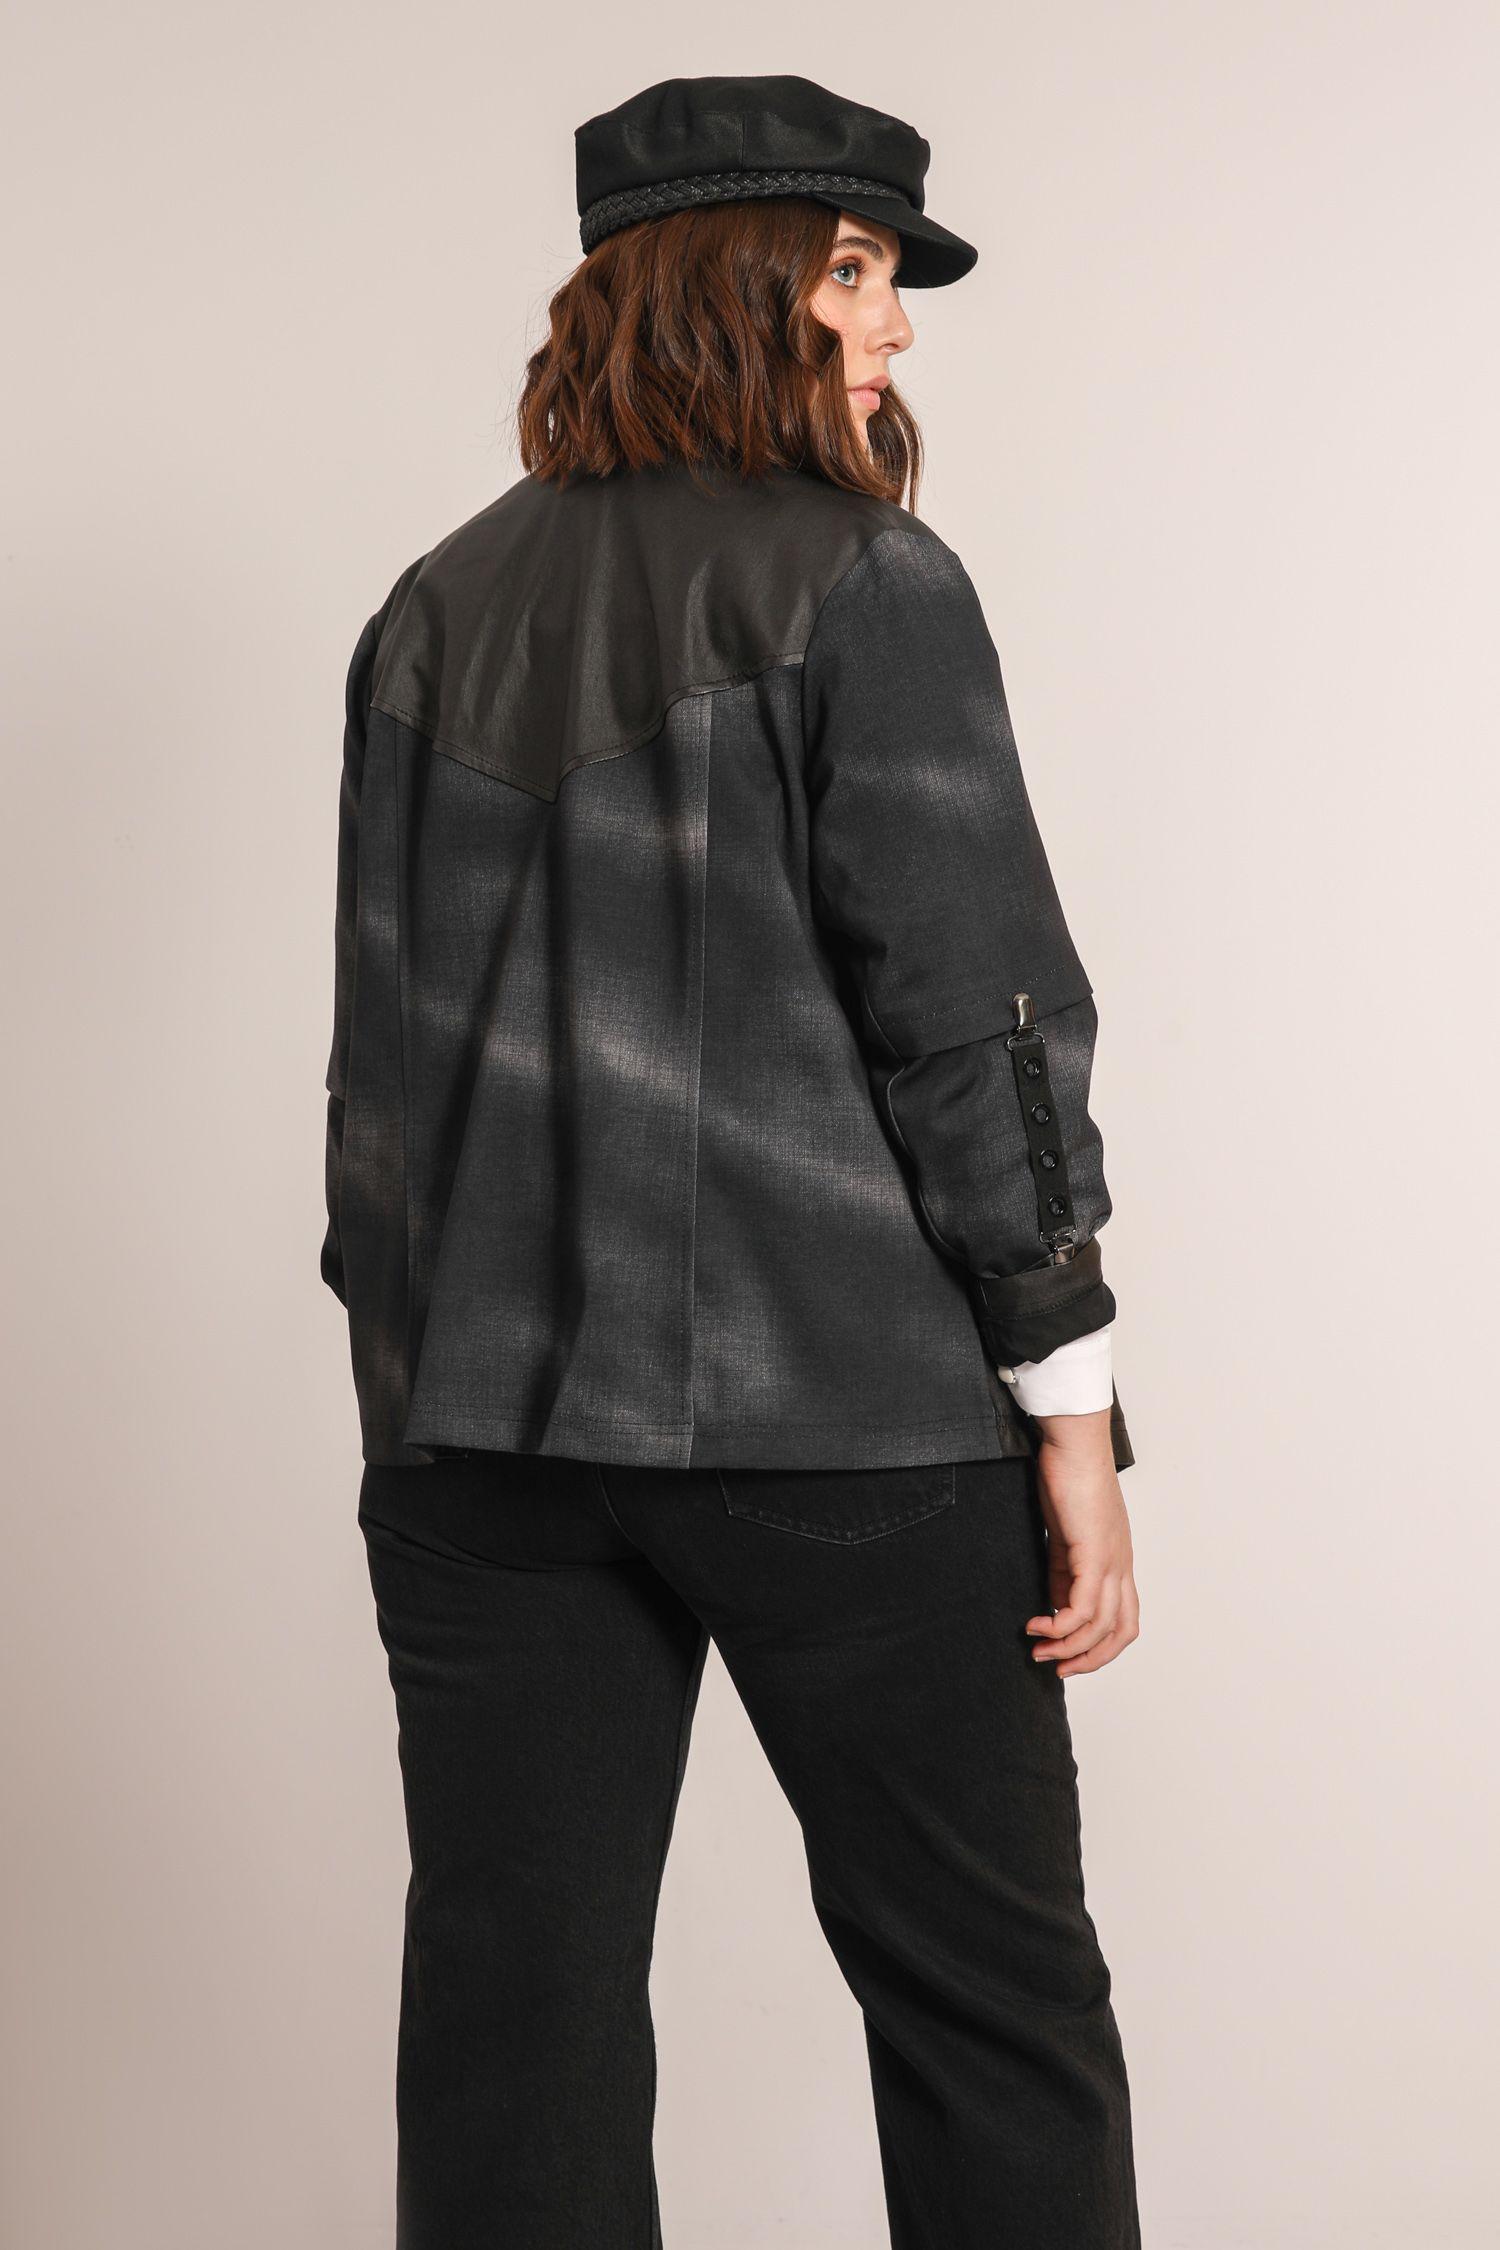 Bi-material jacket tye & die